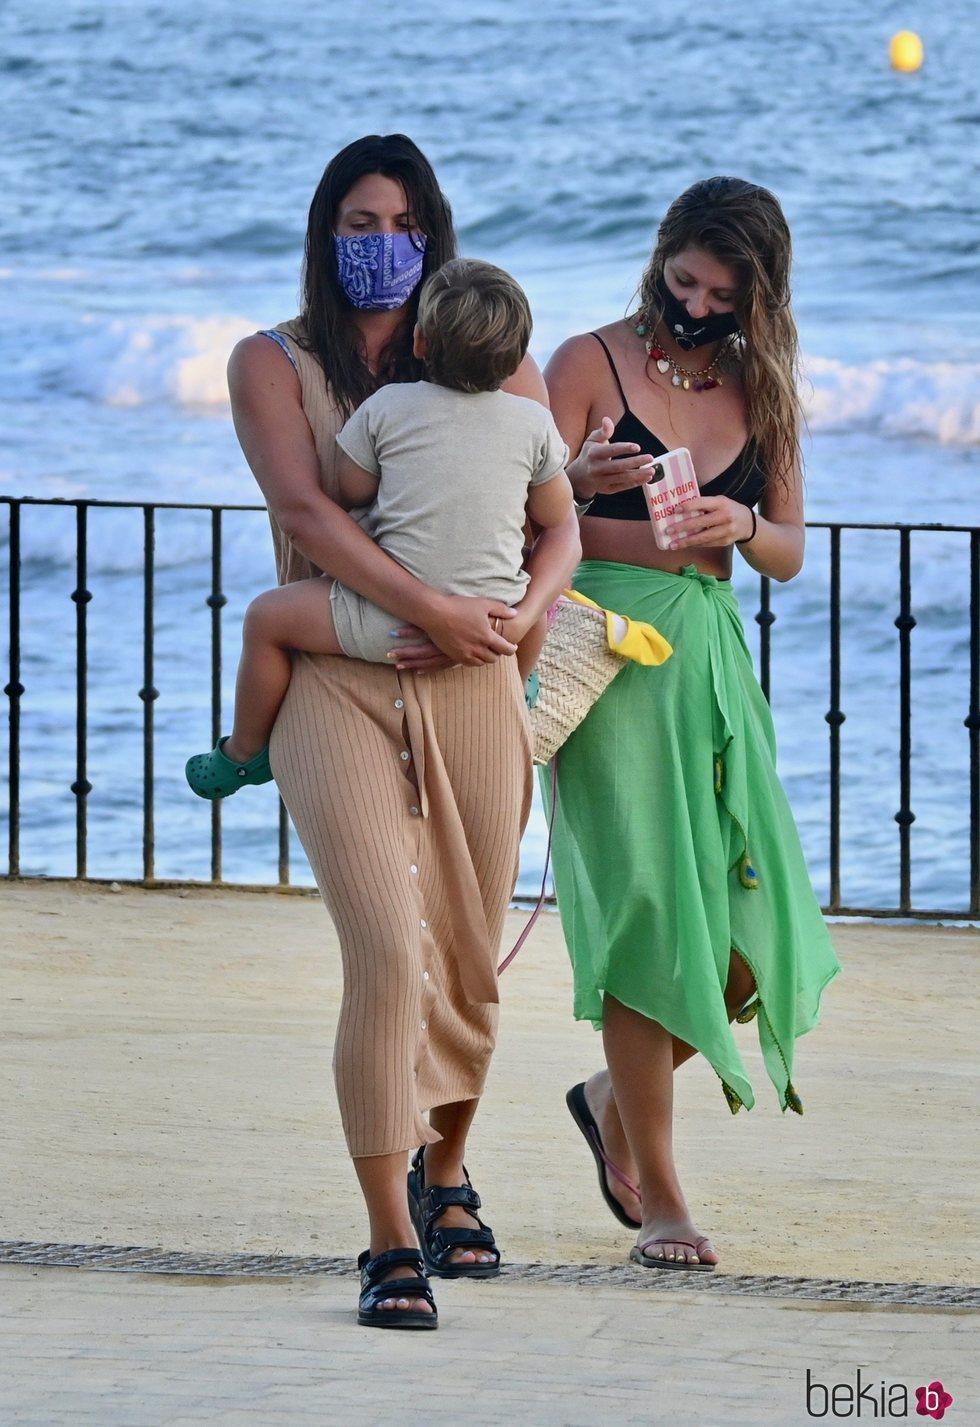 Laura y Anita Matamoros disfrutando juntas de sus vacaciones en Marbella